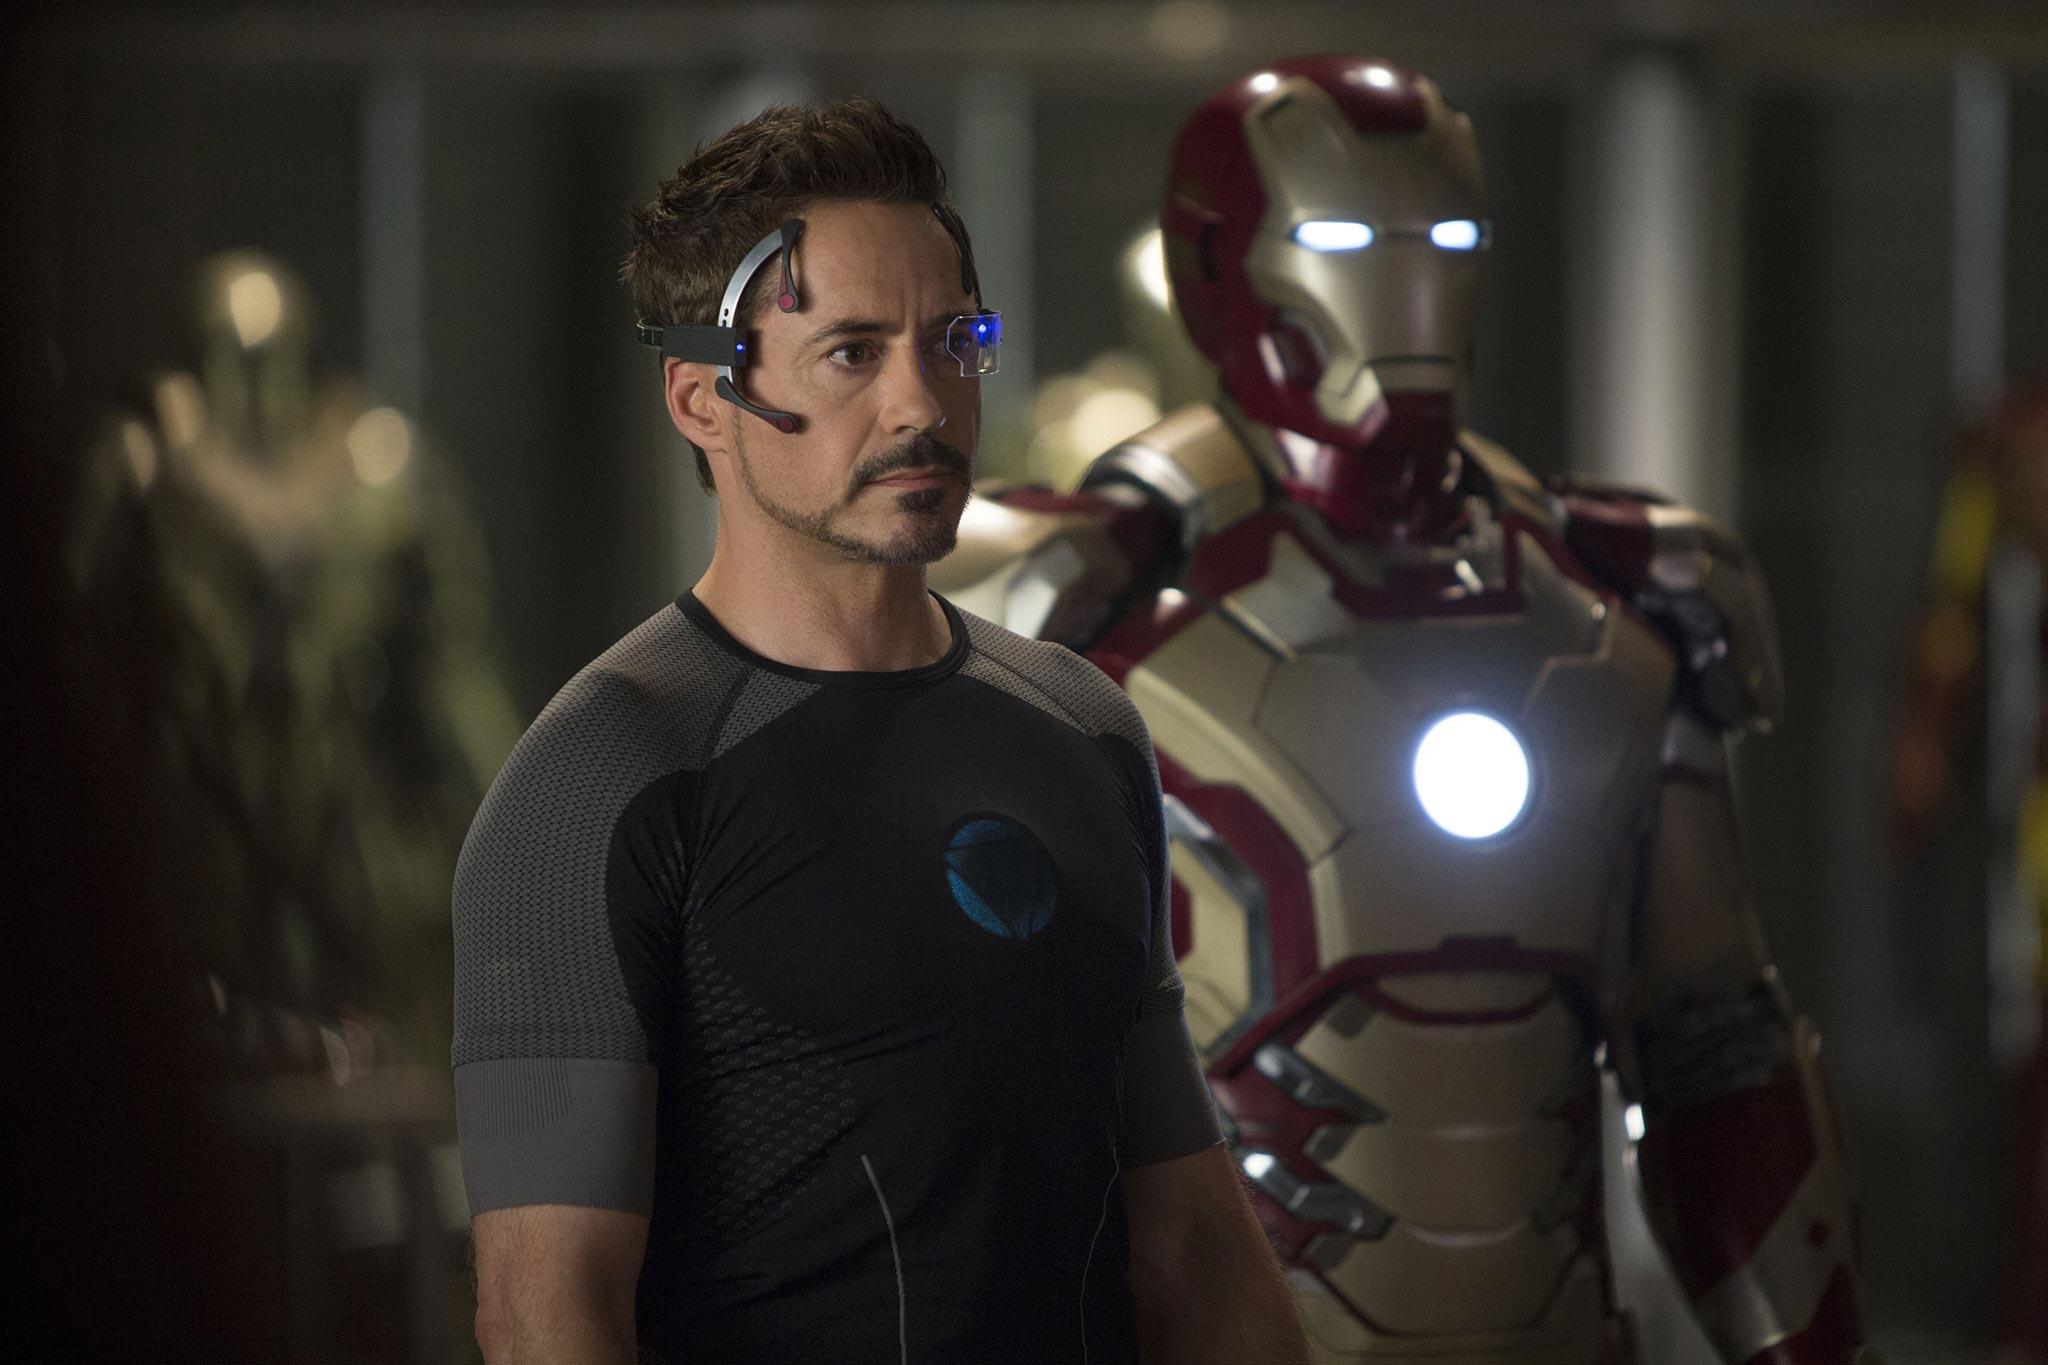 https://i2.wp.com/www.filmofilia.com/wp-content/uploads/2012/10/Iron-Man-3_01.jpg